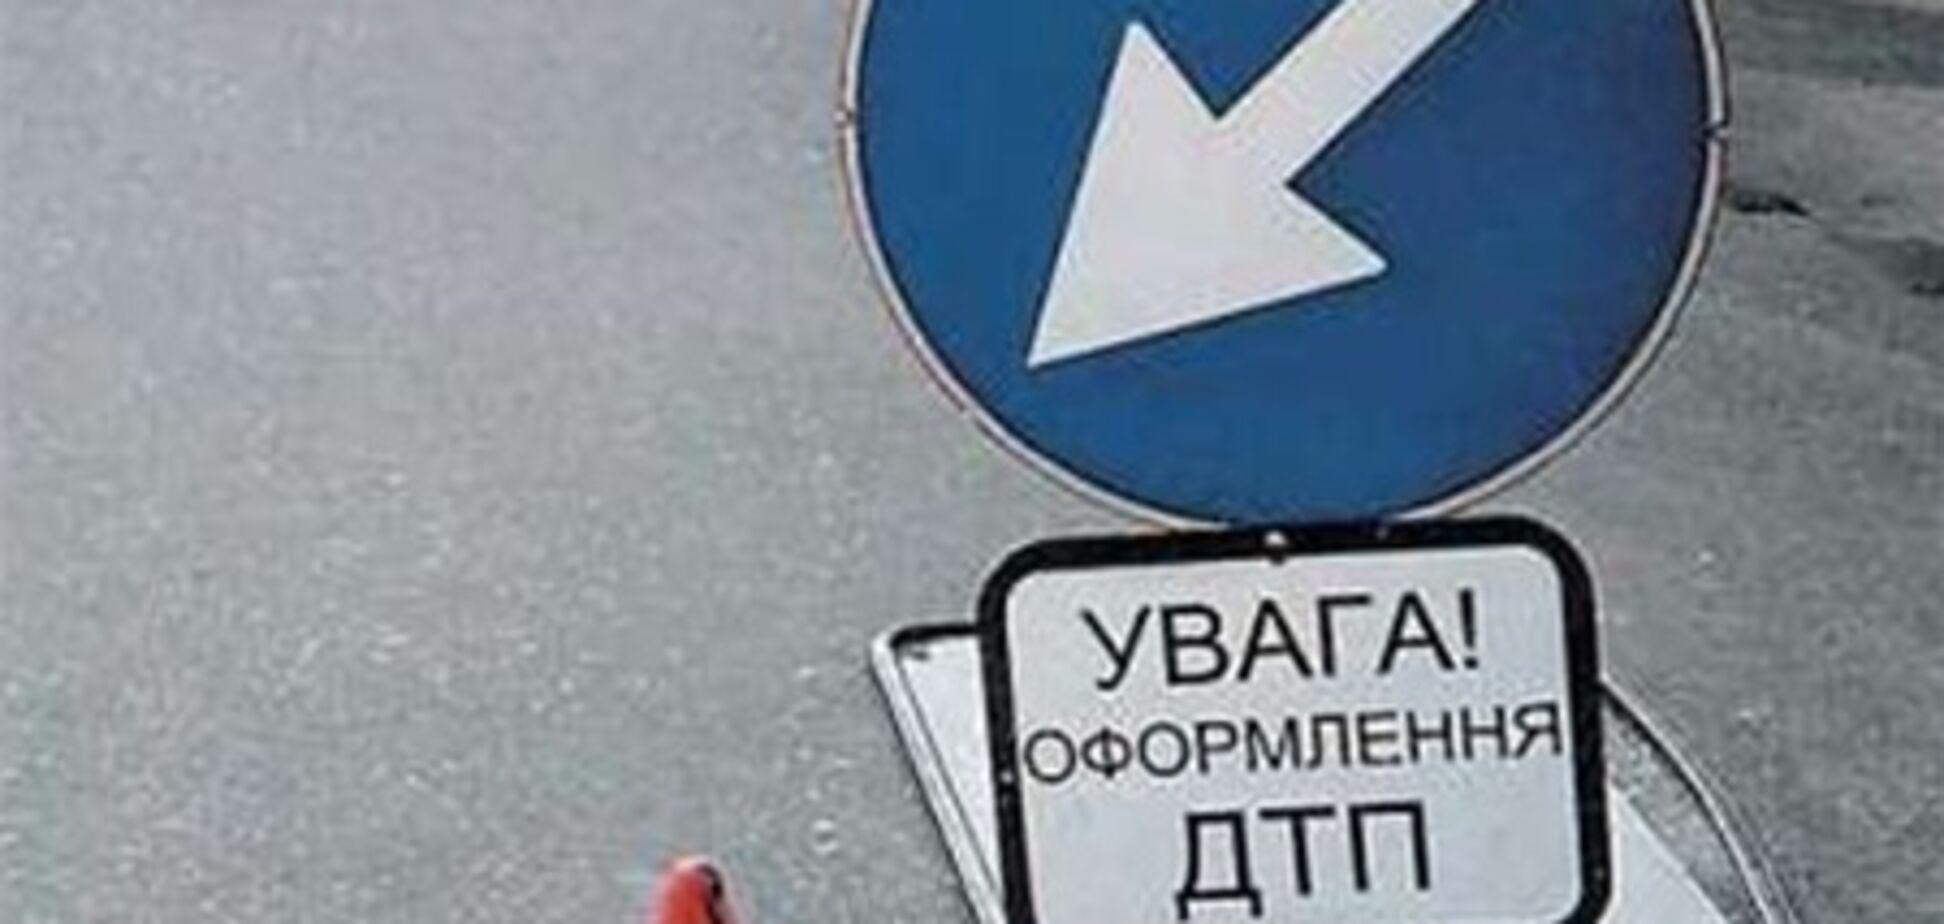 В Киеве столкнулись восемь машин. Есть пострадавшие